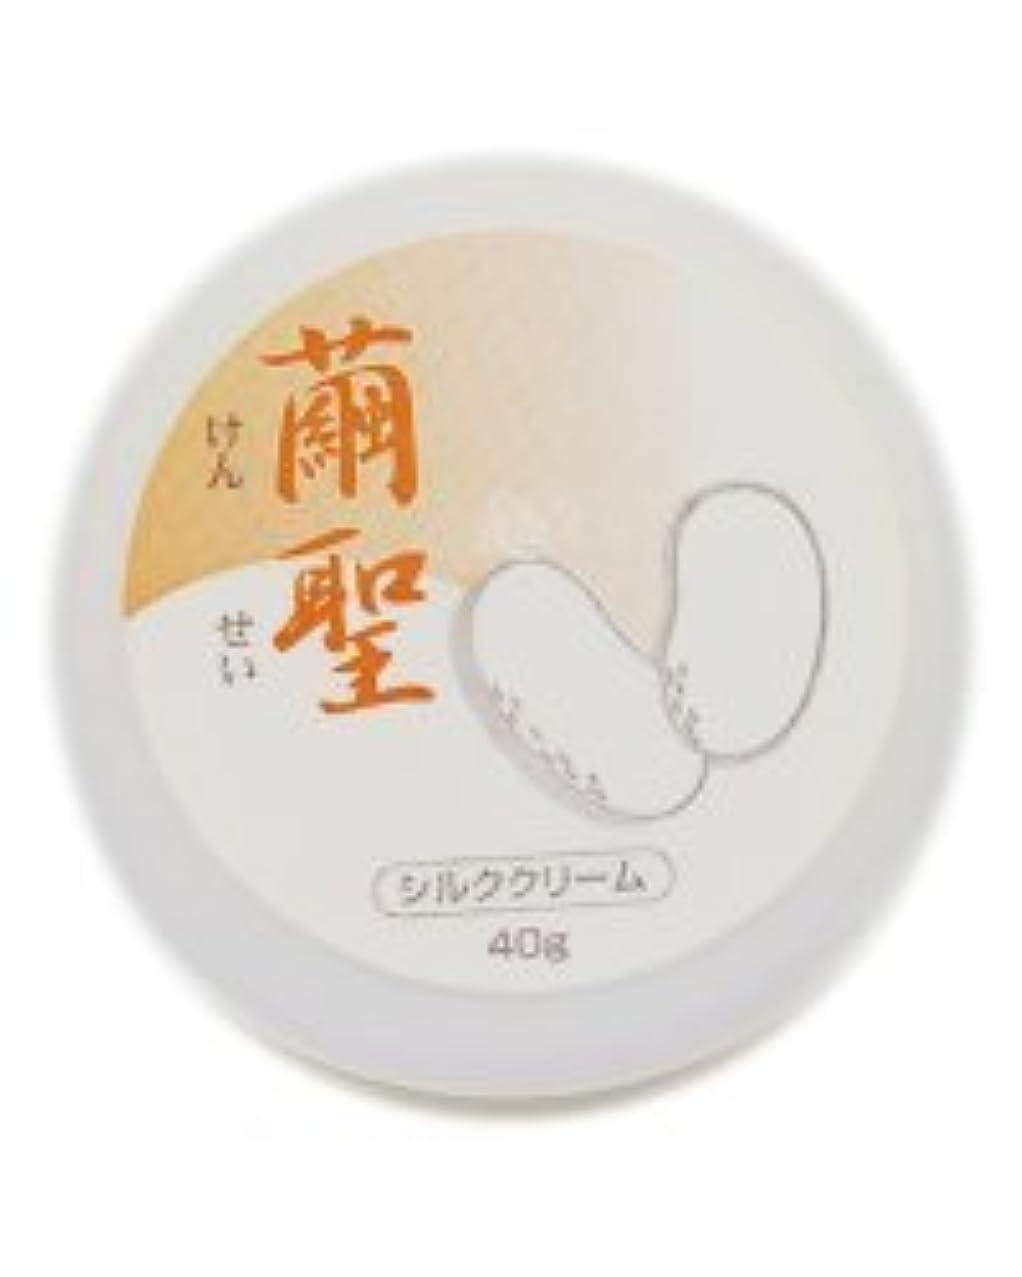 〔ラヴィドール〕絹夢物語 繭聖(けんせい) 40g